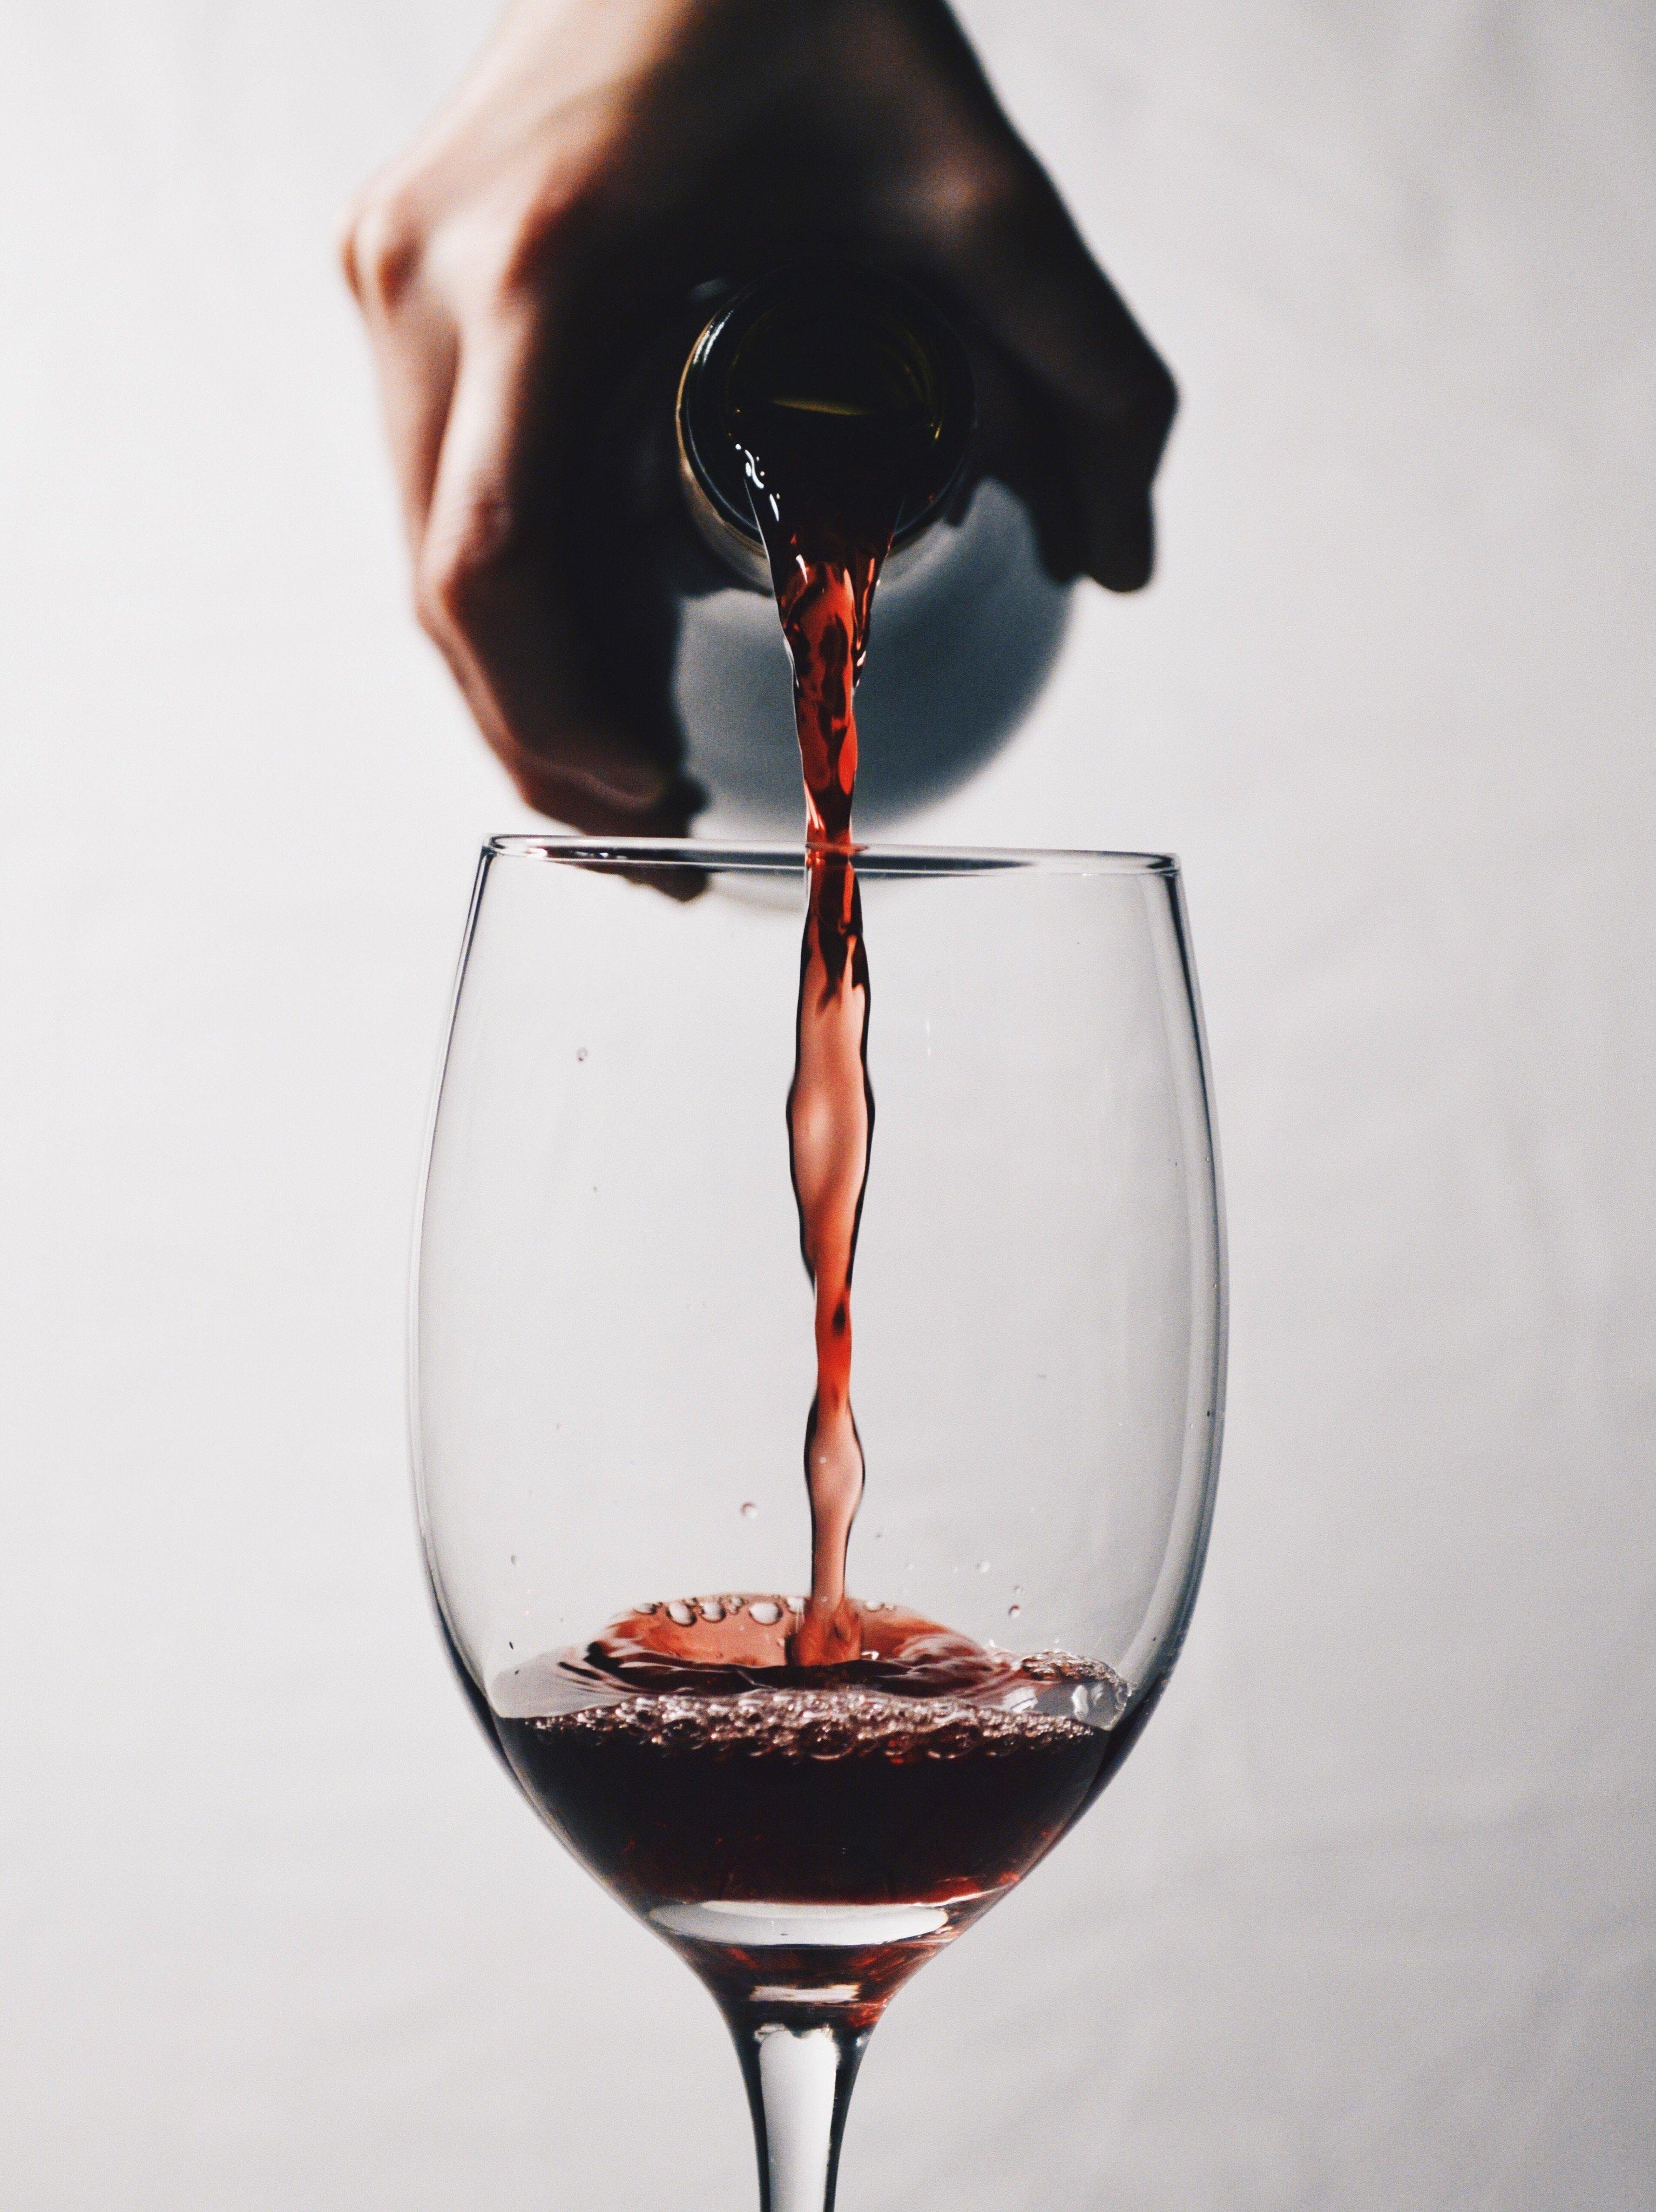 La sobriedad, como tomar alcohol, es solo otra opción